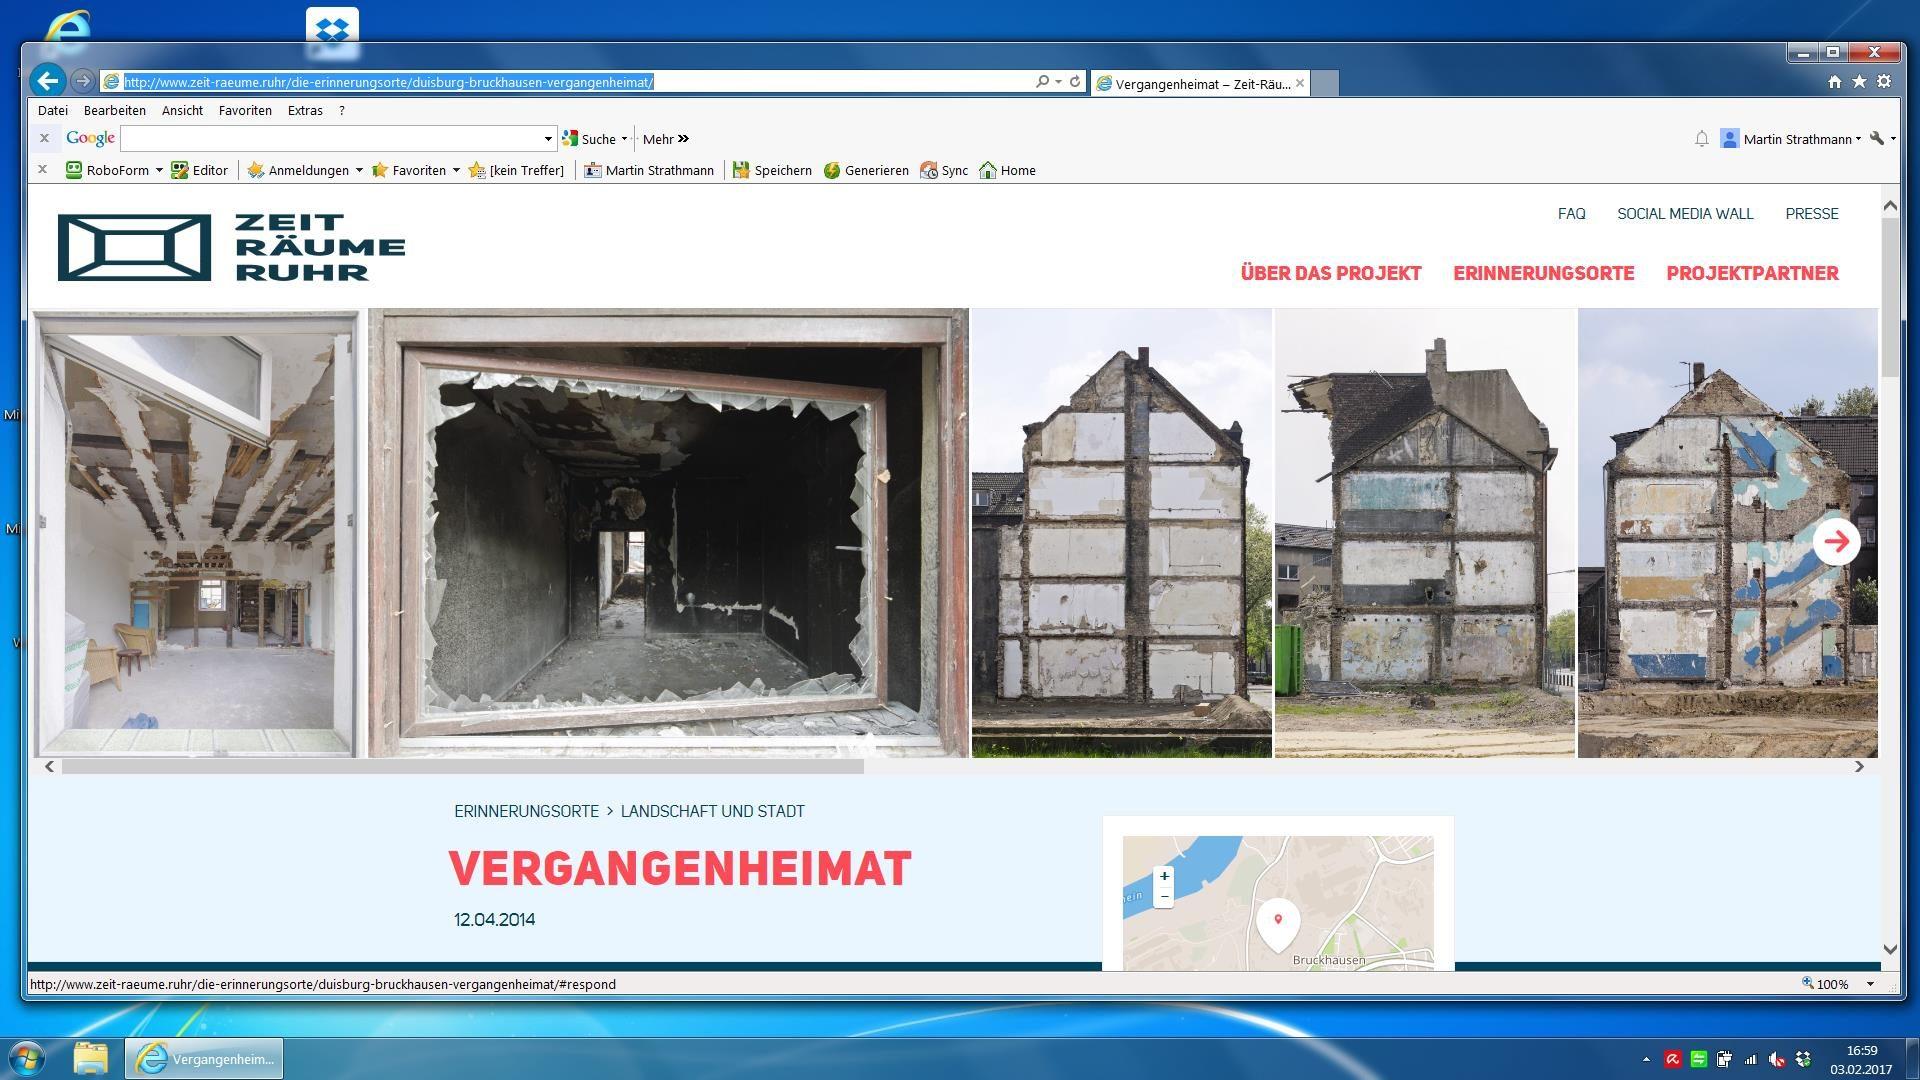 Screenshot meines Beitrags Vergangenheimat auf der Website ZEIT-RÄUME RUHR